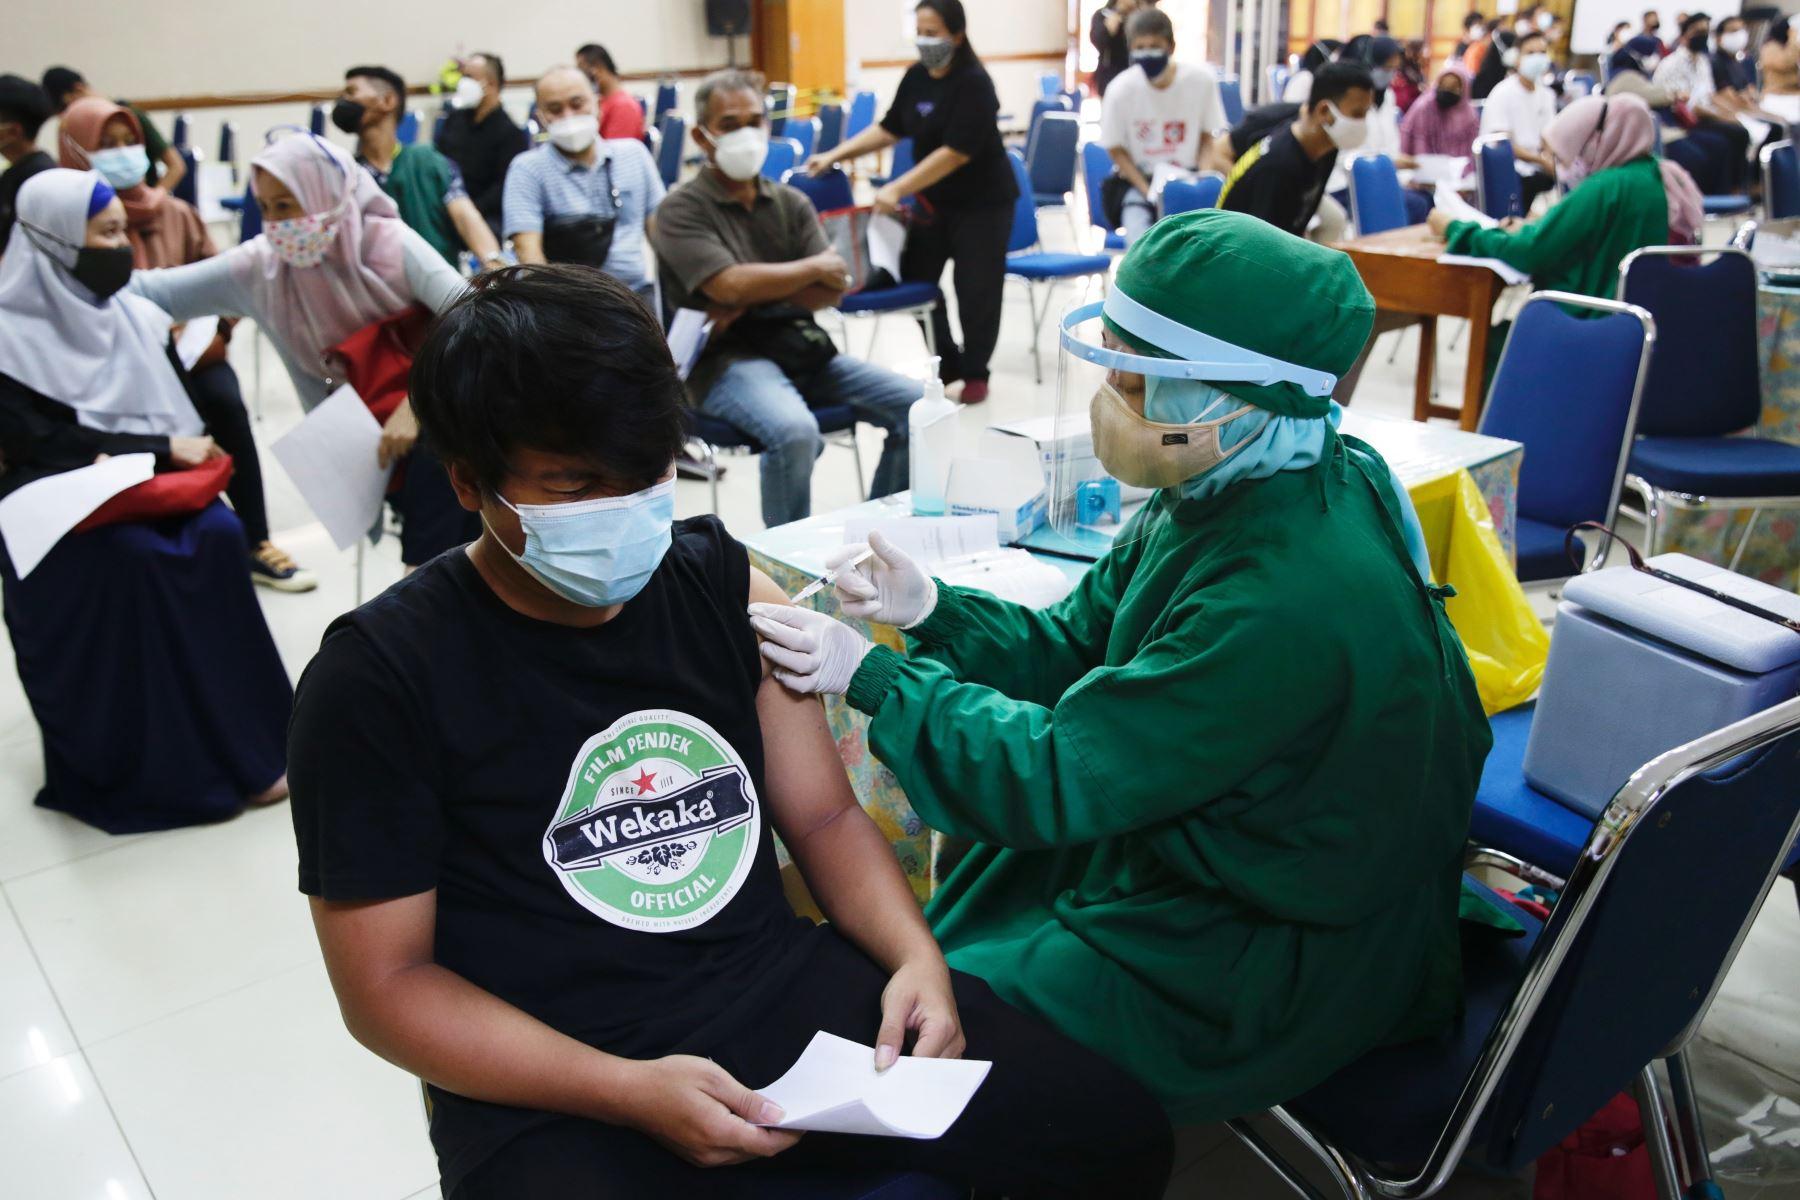 Un estudiante de escuela recibe una dosis de la vacuna COVID-19 durante una campaña masiva en un edificio escolar en Yakarta, Indonesia. Foto: EFE